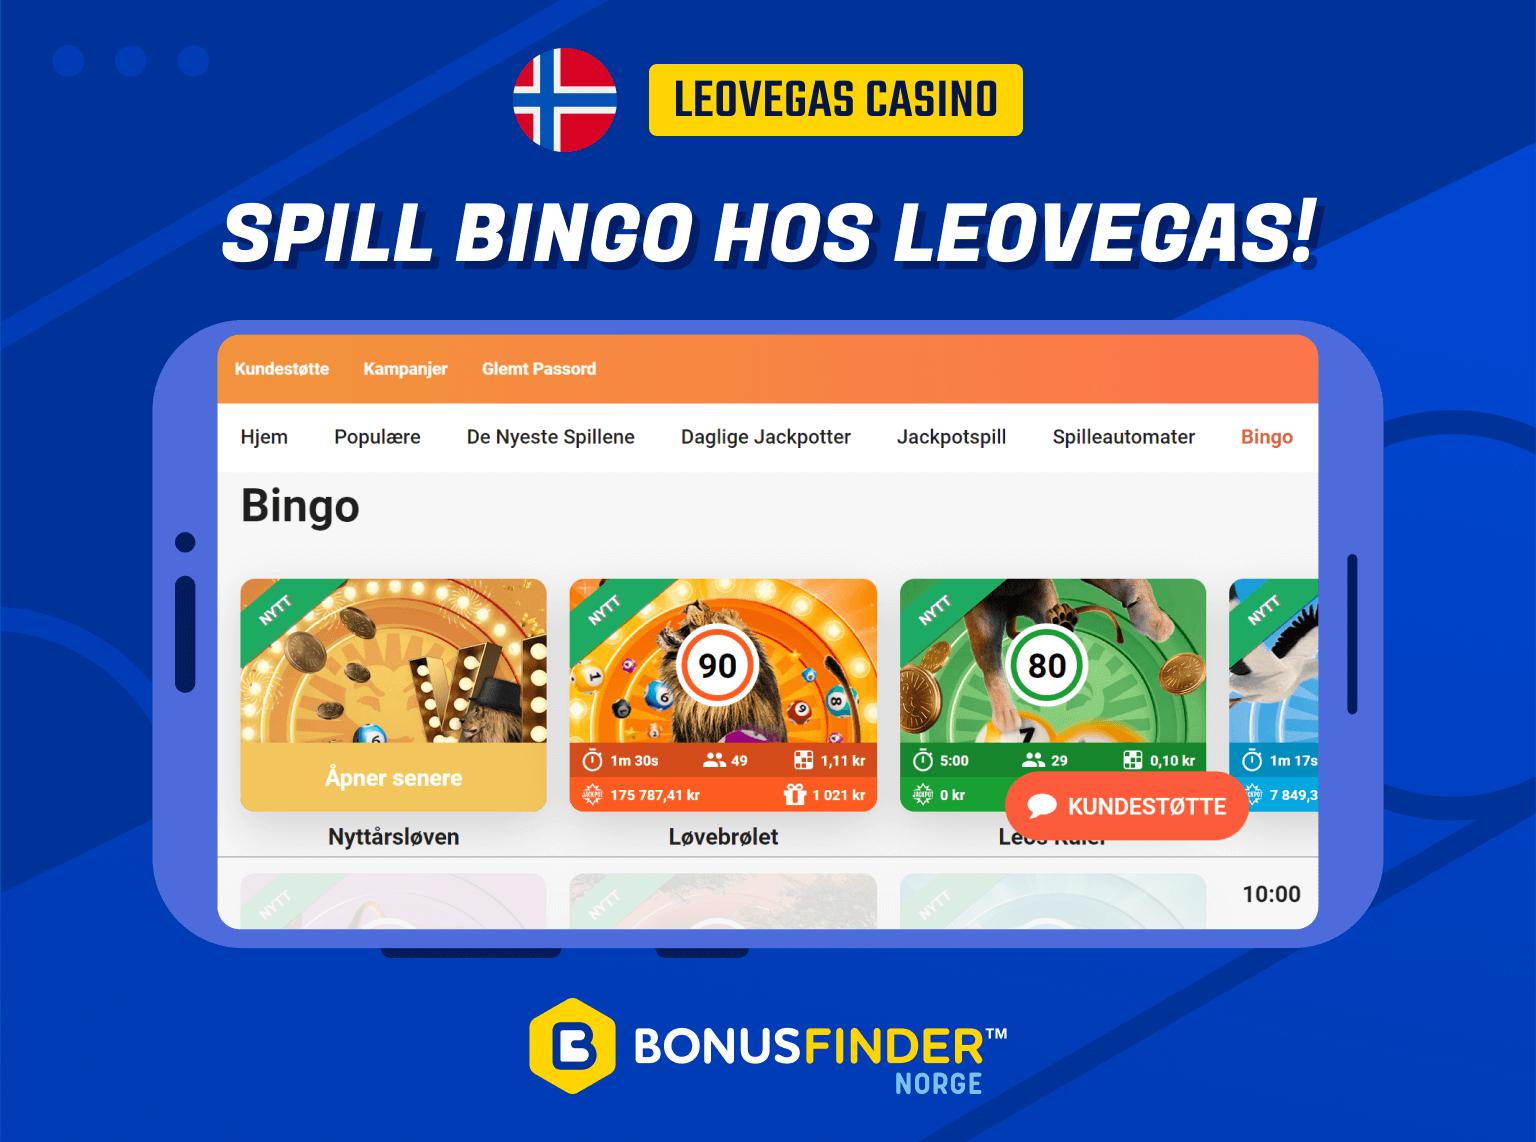 leovegas bingo